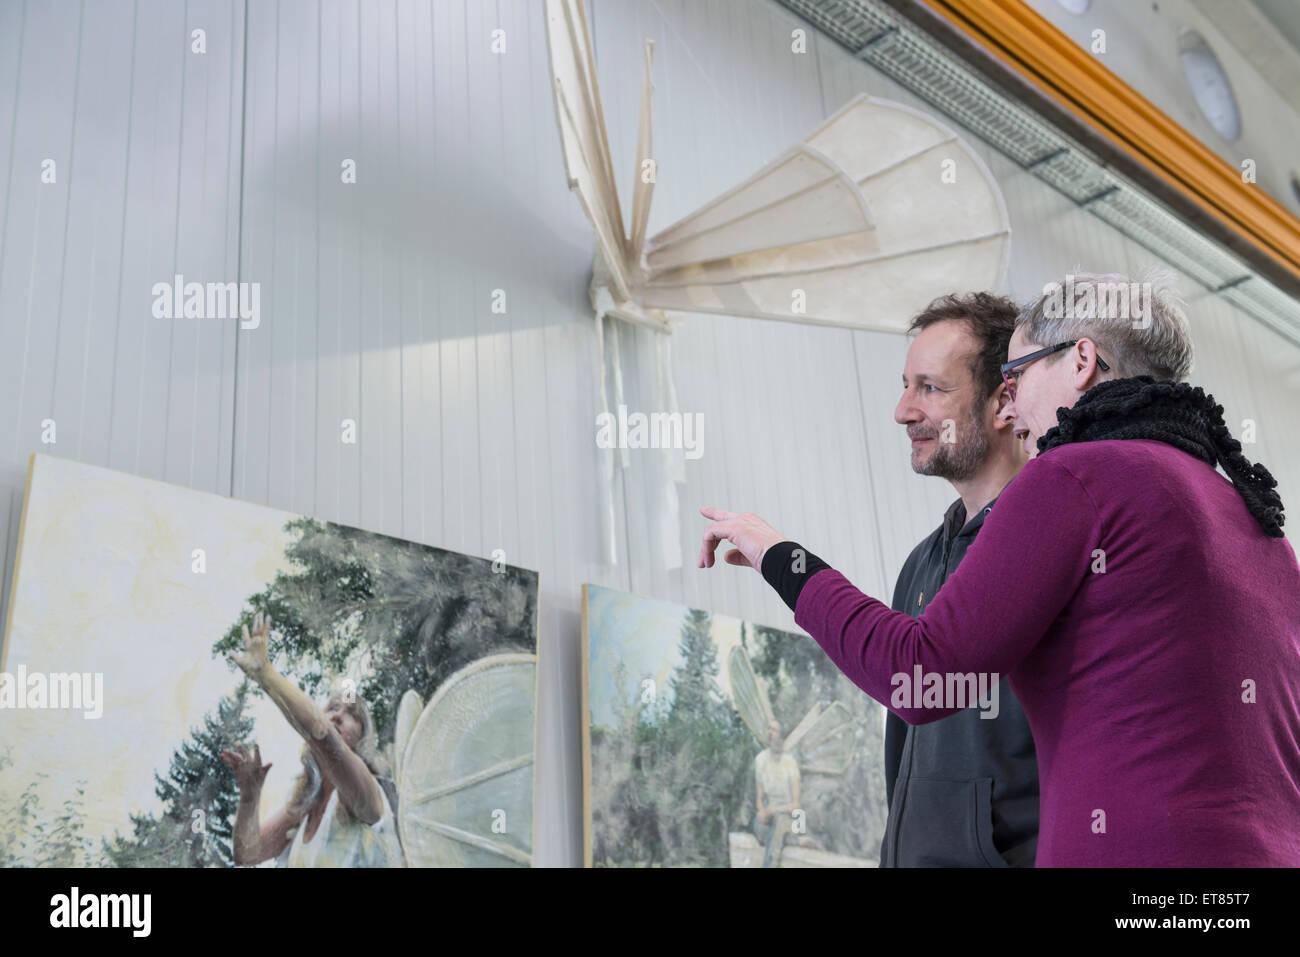 Besucher betrachten Gemälde in eine Art Galerie, Bayern, Deutschland Stockbild